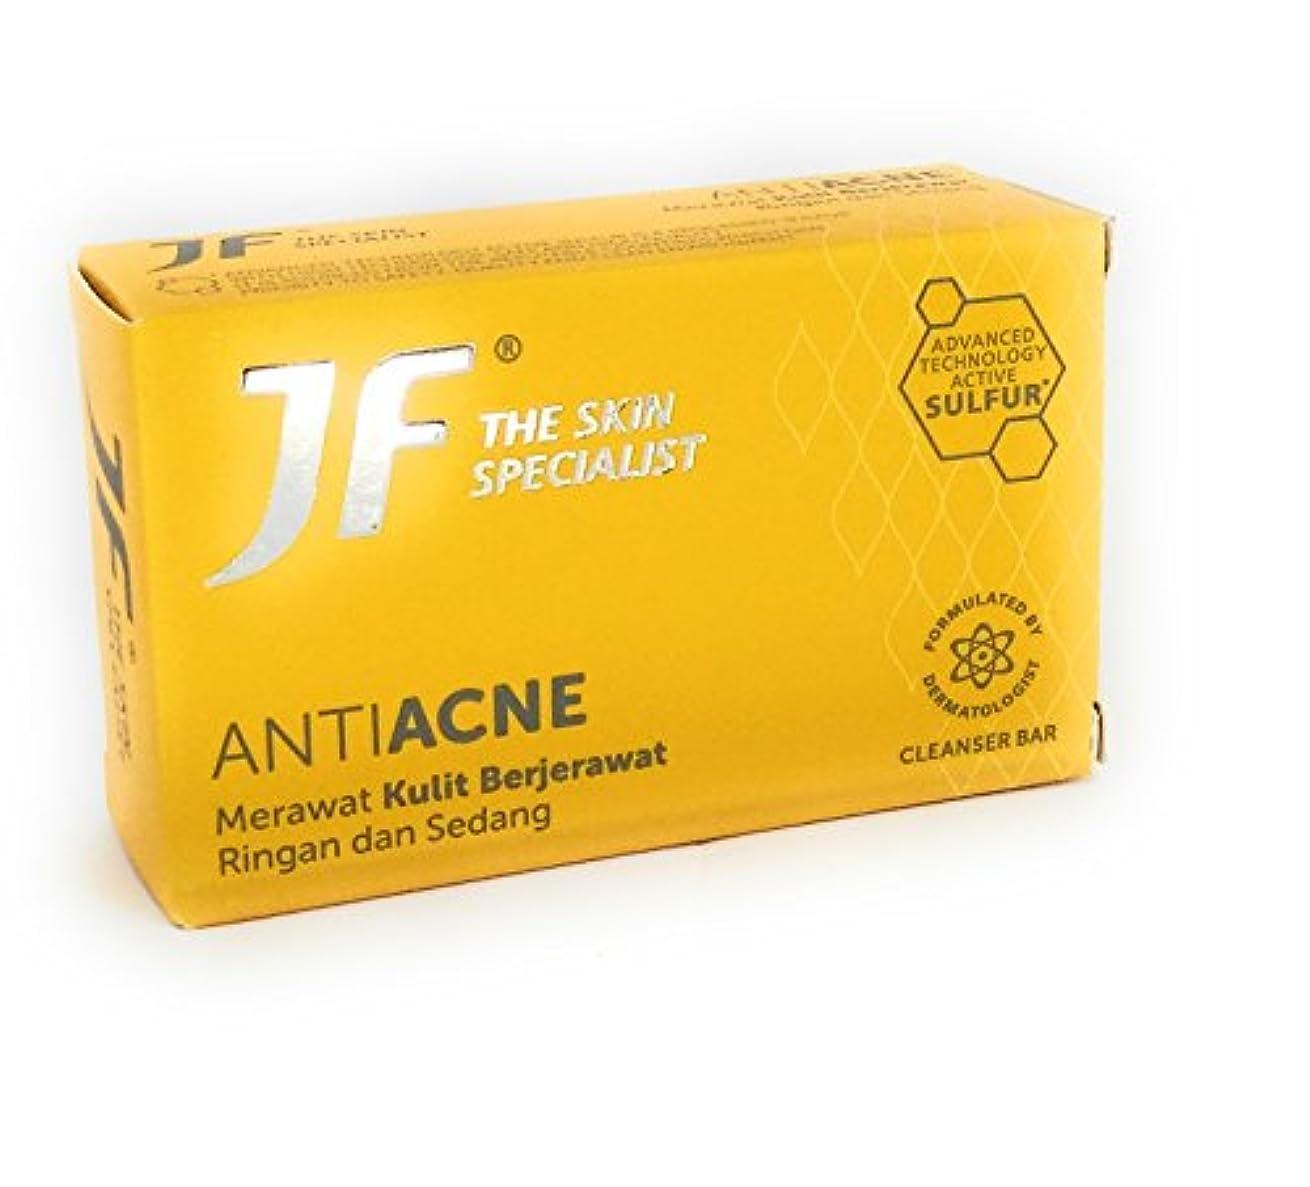 と組むジョグ疑問に思うJF Sulfur 皮膚科専門医アンチにきびケア石鹸jf、65グラム